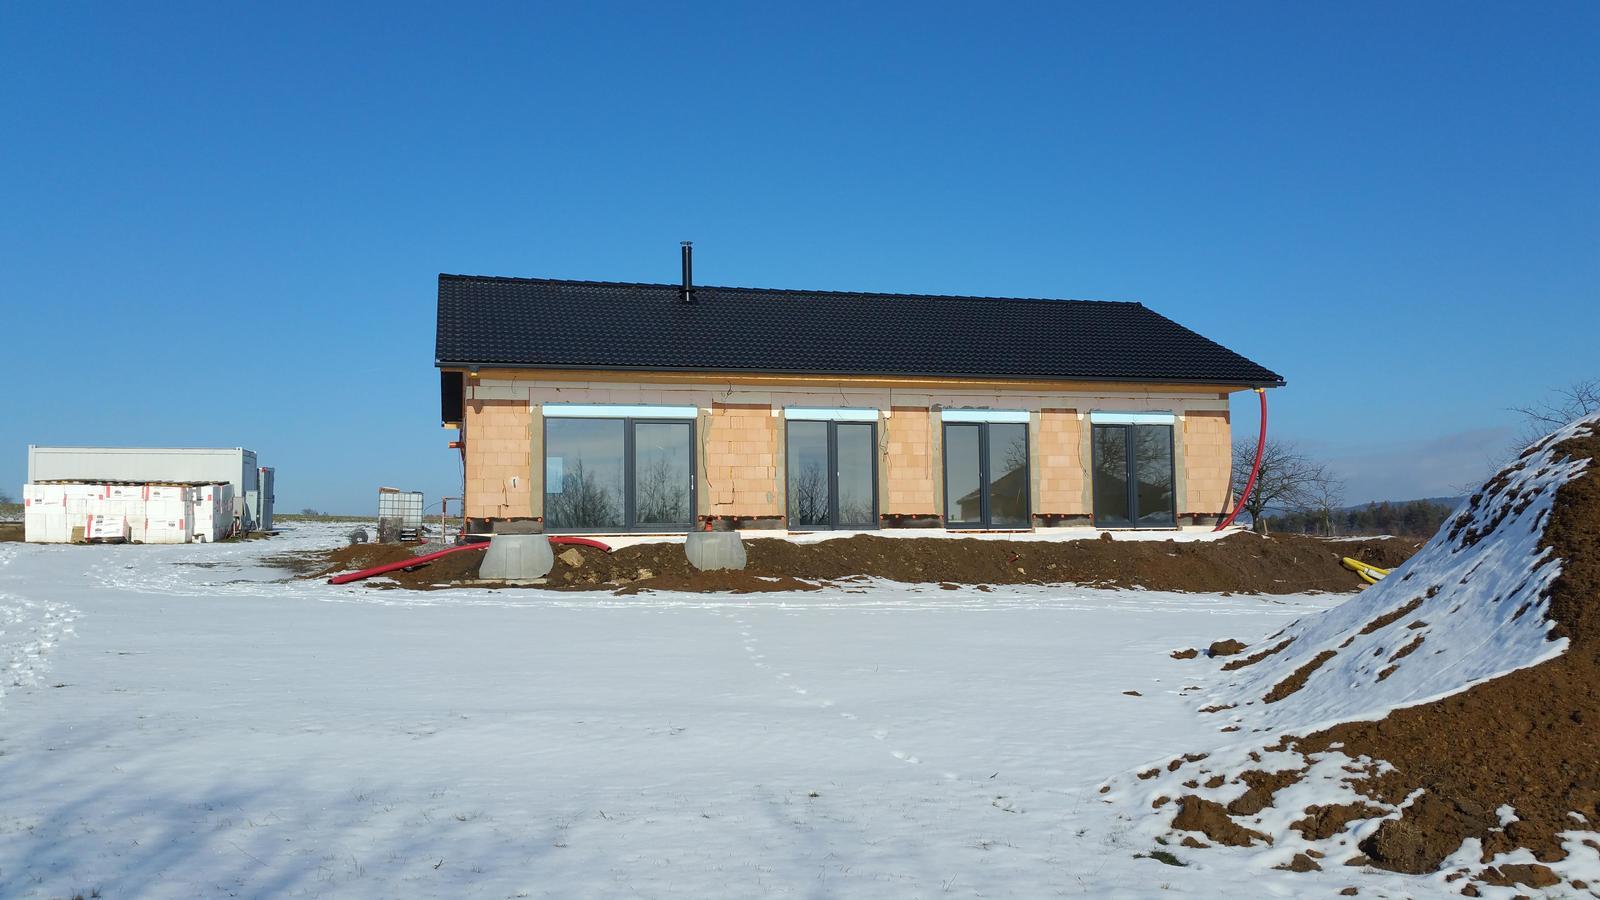 Náš dům na větrné hůrce - Obrázek č. 89